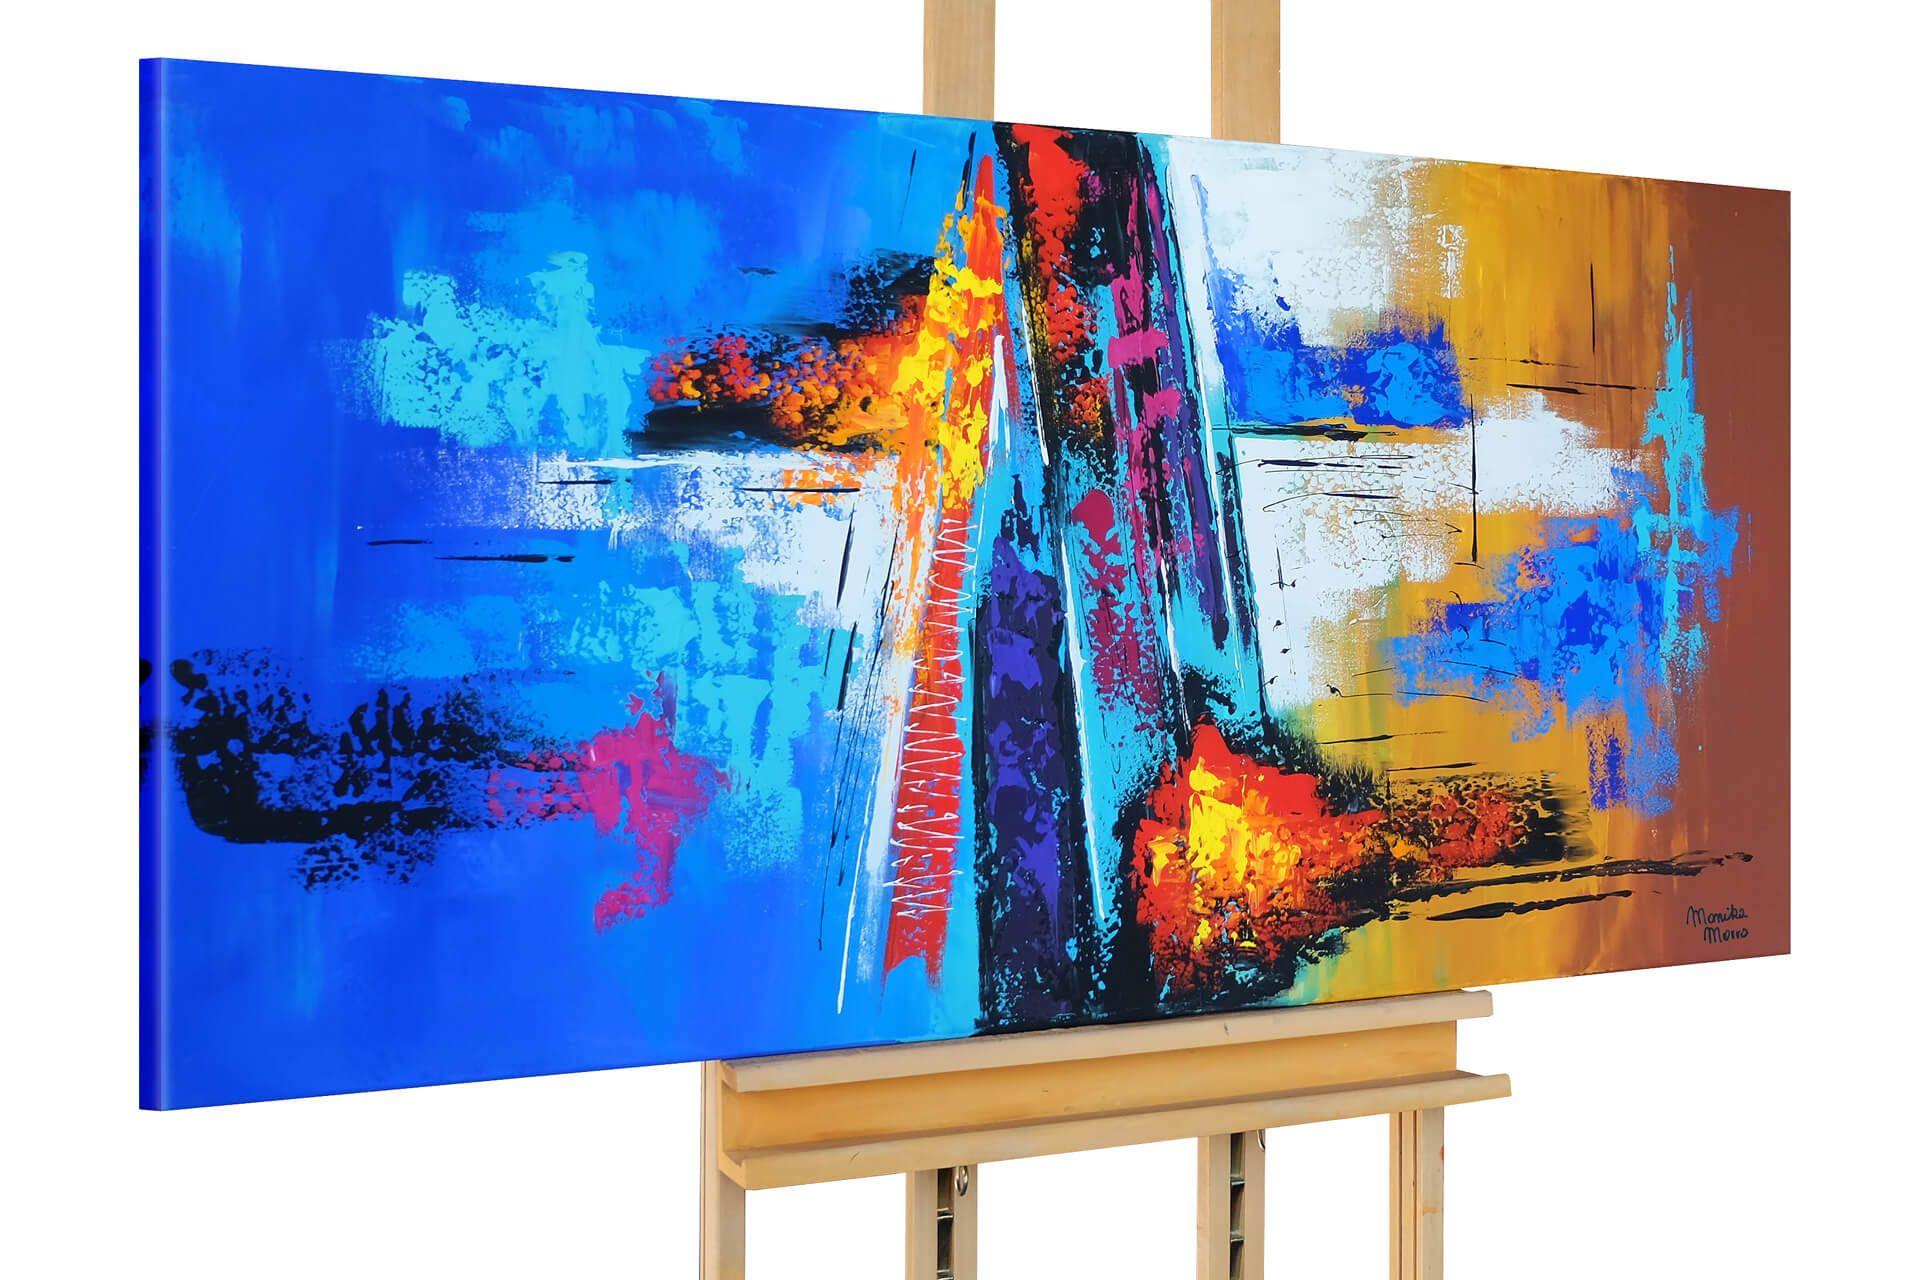 Acryl Gemälde /'SKYLINE BUNT MODERN/'HANDGEMALTLeinwand Bilder 120x60cm